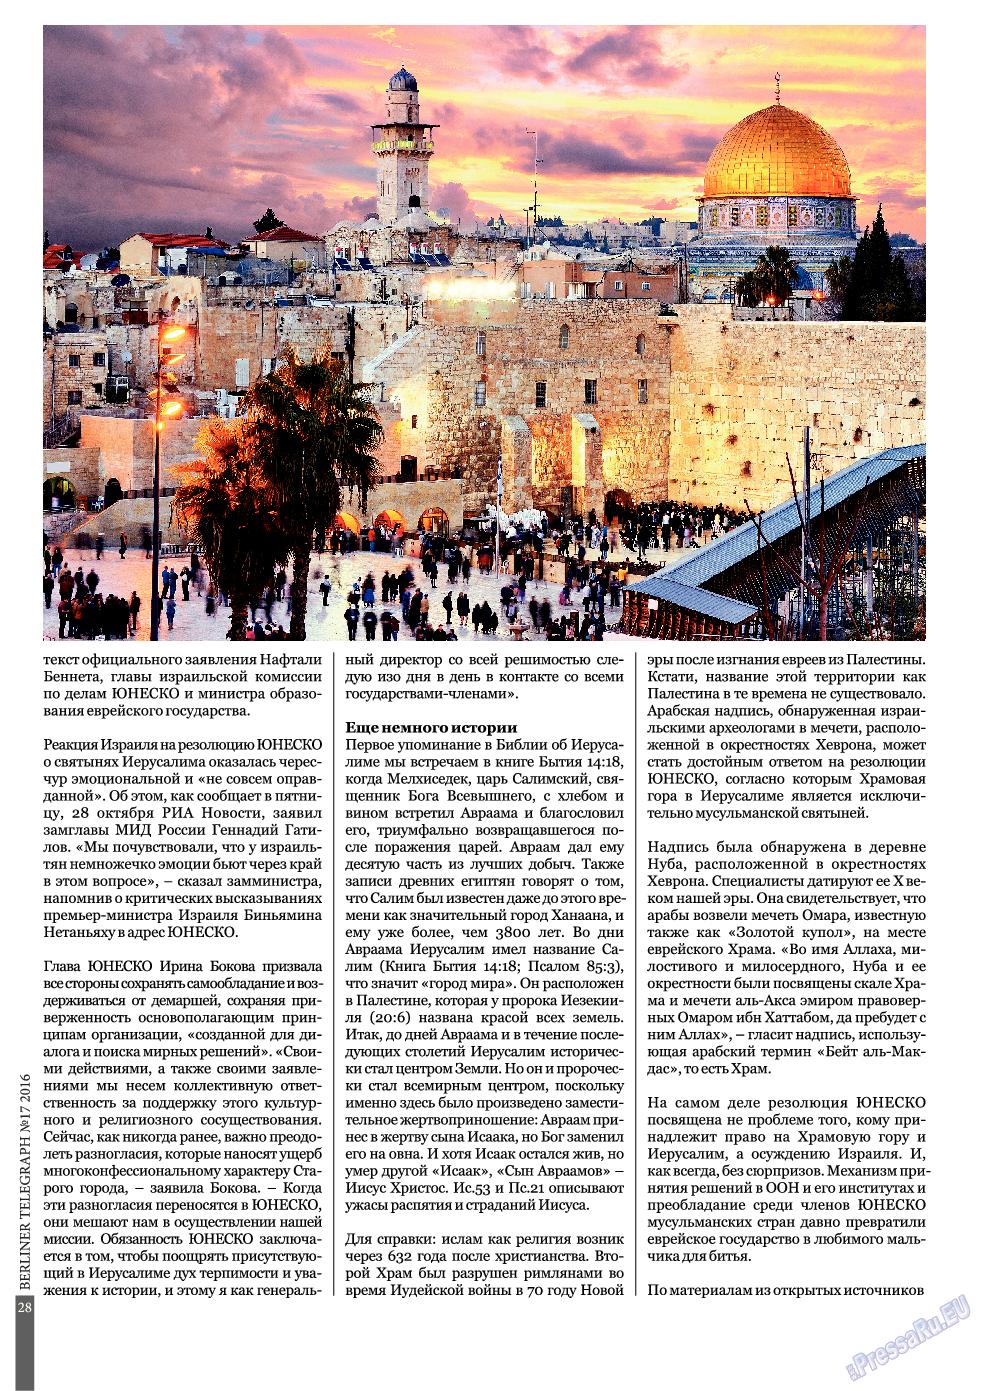 Берлинский телеграф (журнал). 2016 год, номер 17, стр. 28